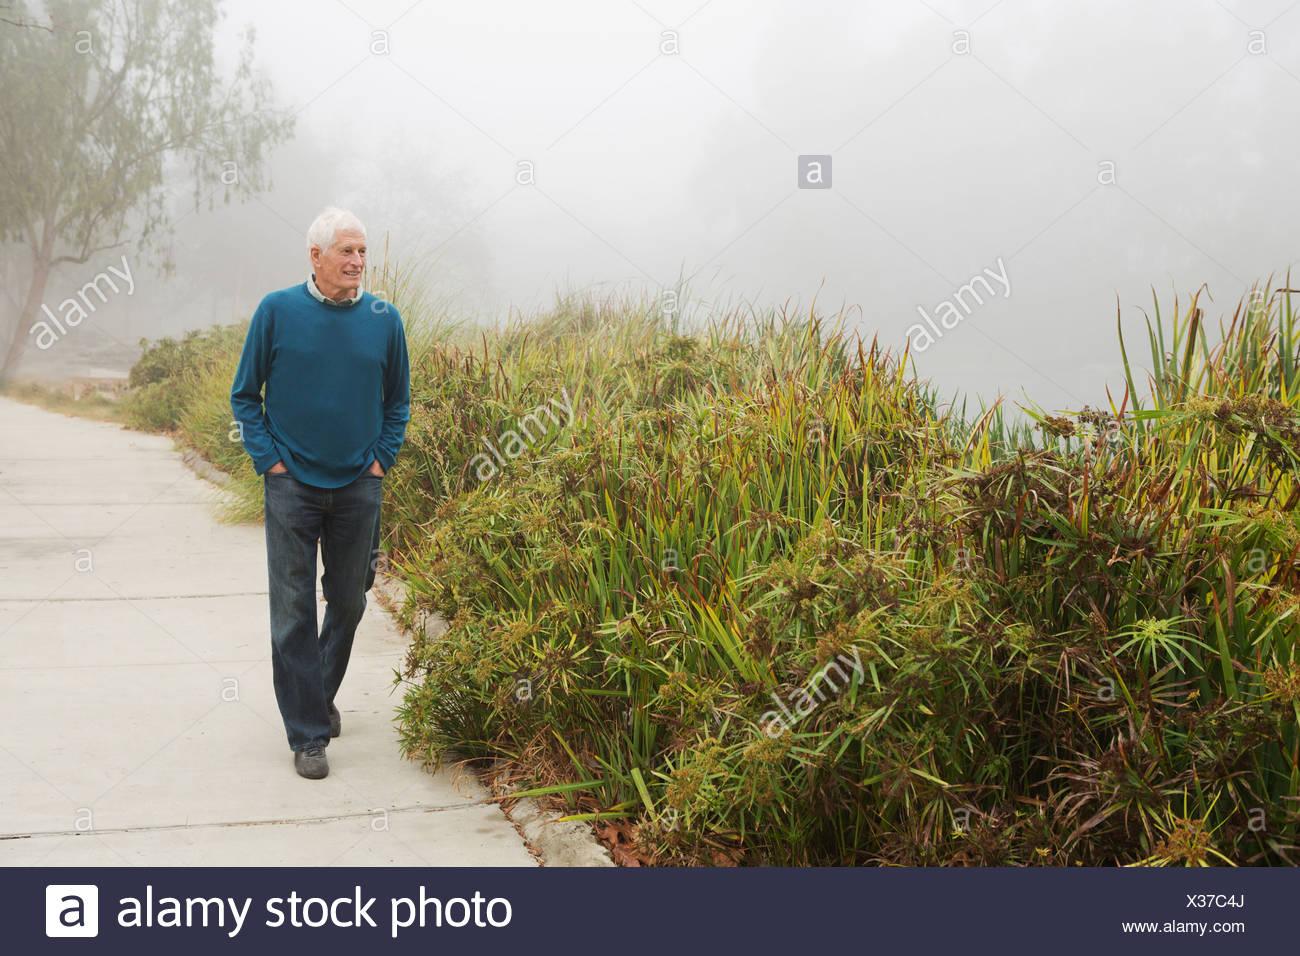 Senior man enjoying stroll in the park - Stock Image